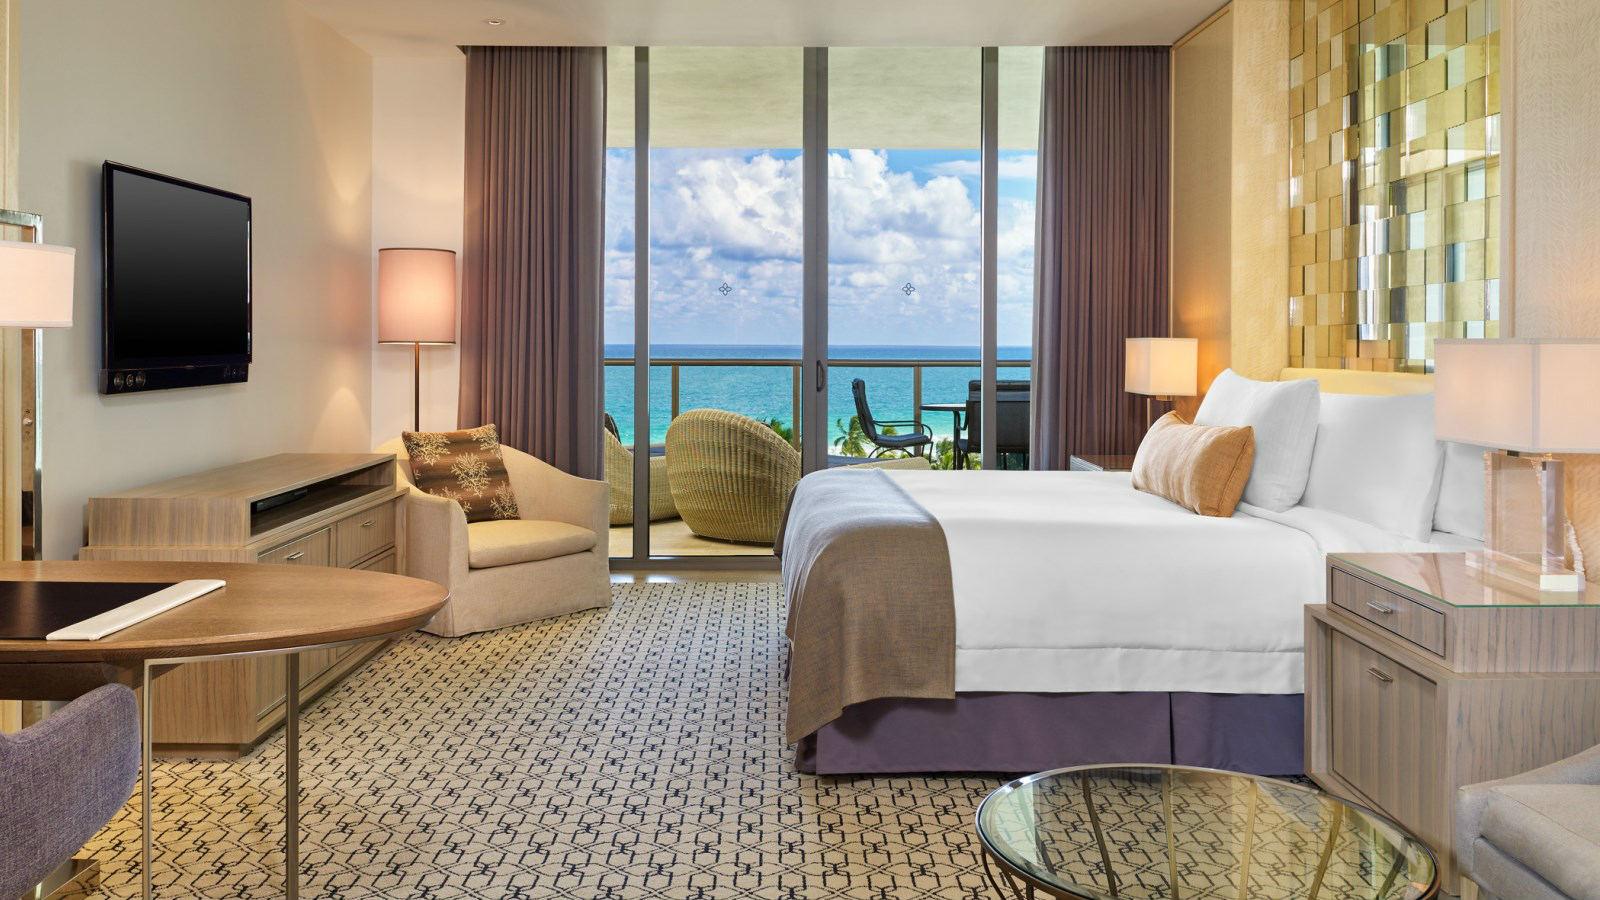 Crédito foto: divulgação St. Regis Bal Harbour Resort